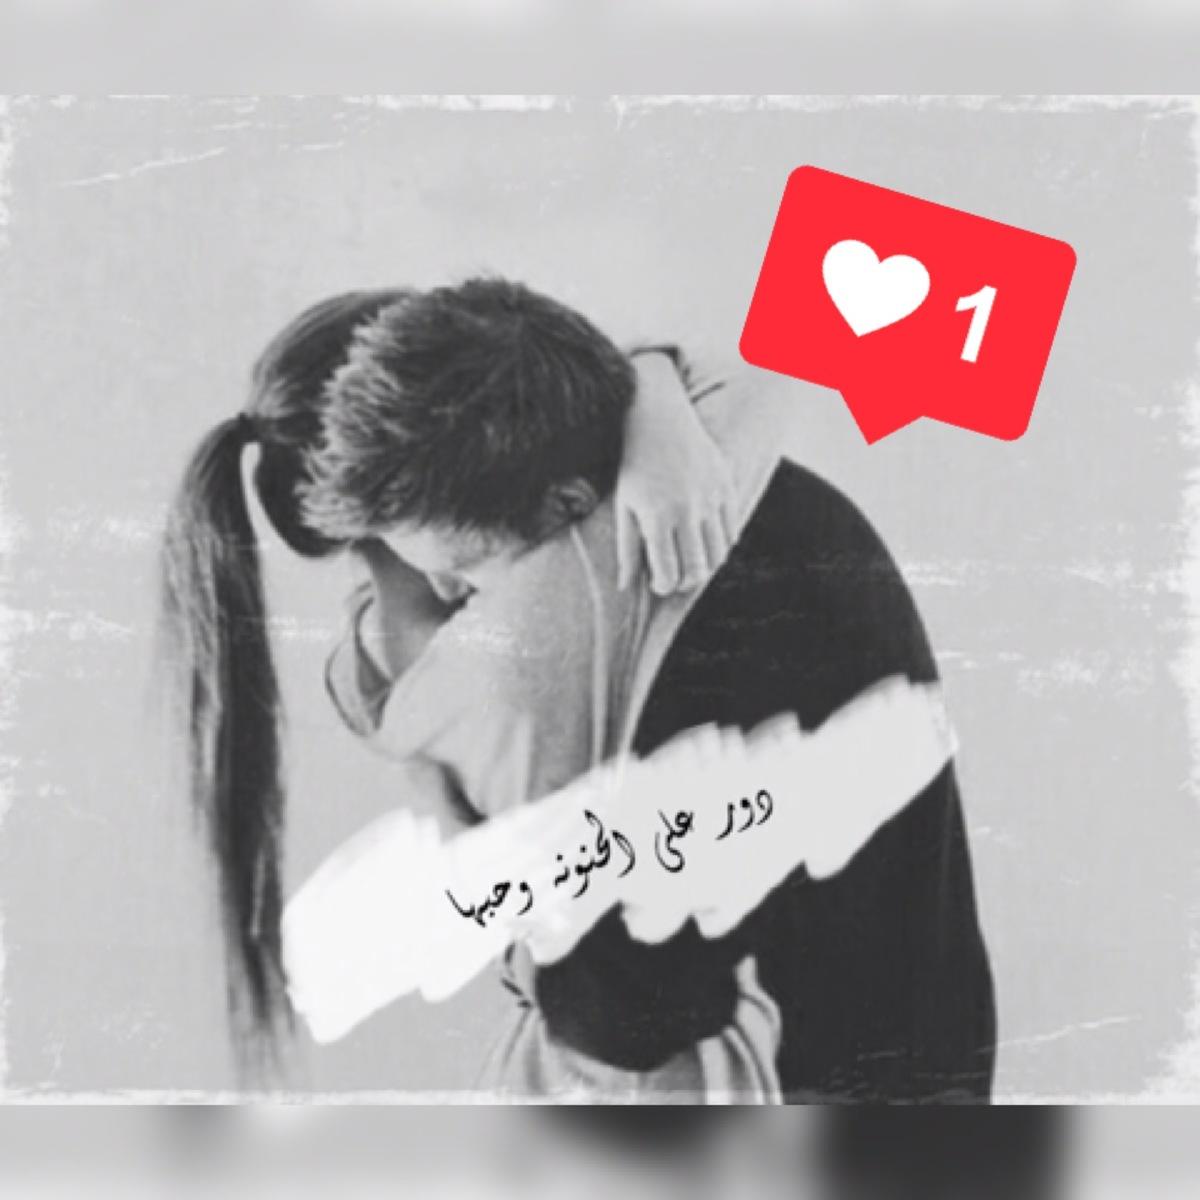 صورة صور حب وعشق , العشق والغرام والحب واجمل صور لهما